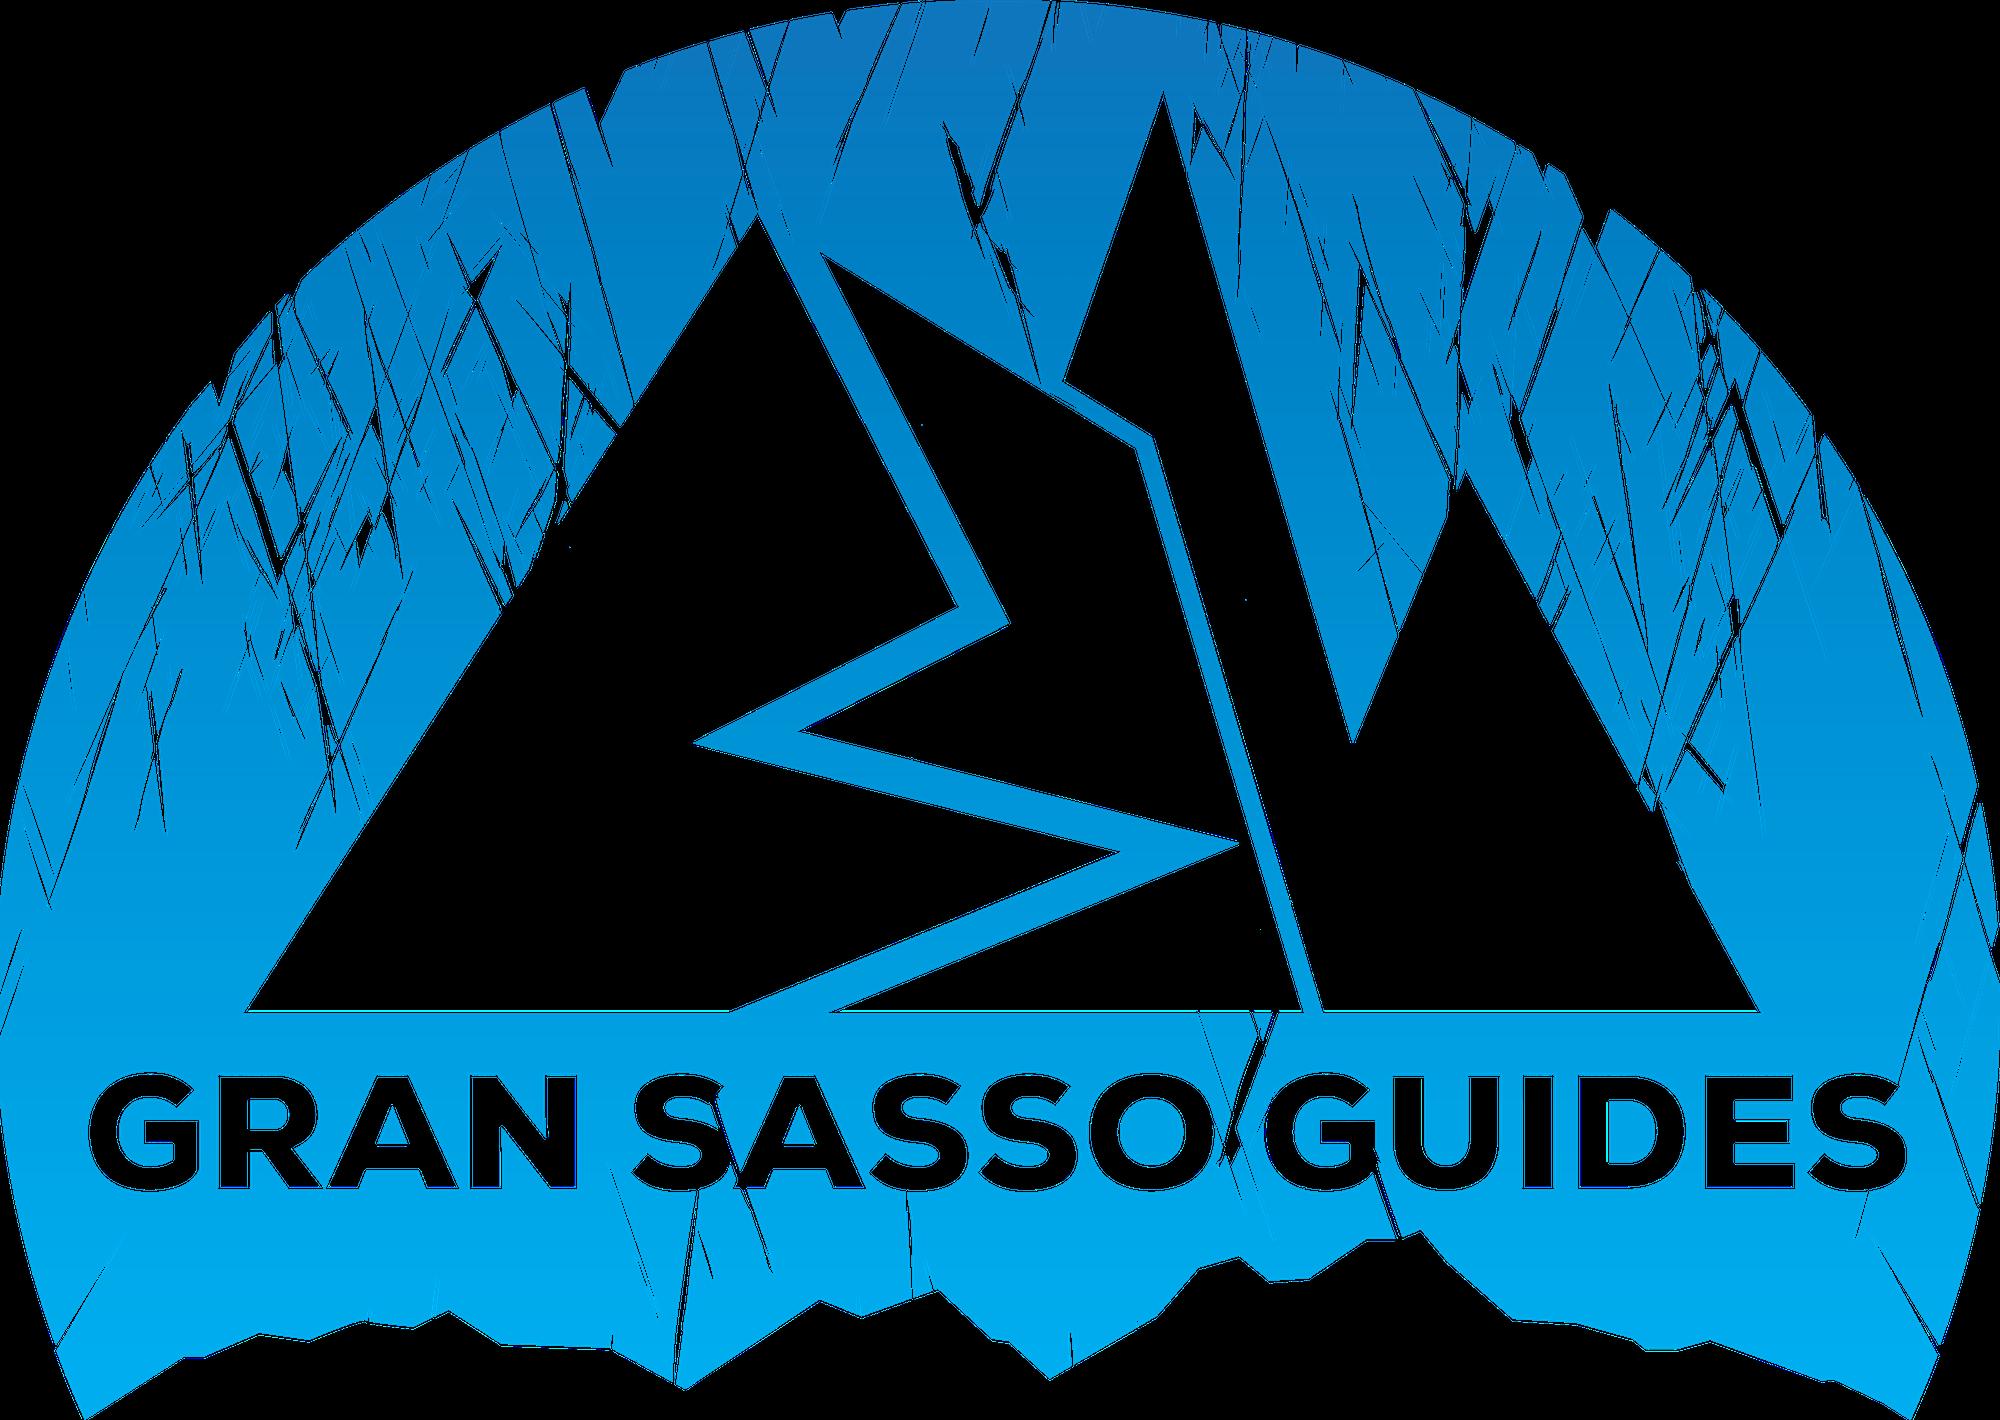 gran sasso guides